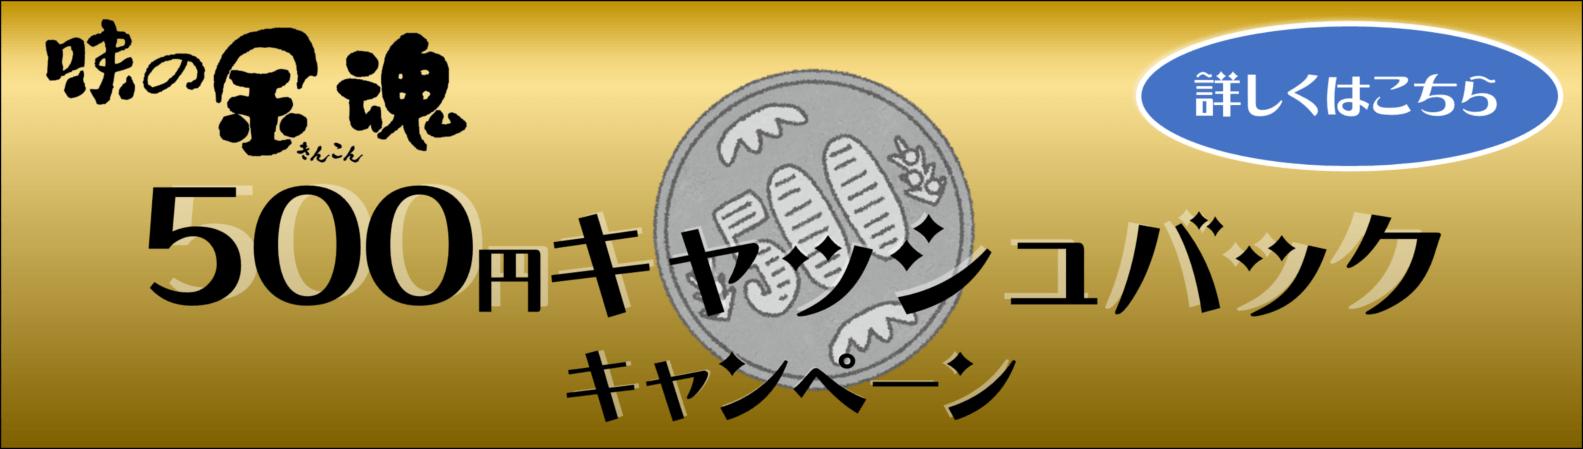 500円キャッシュバック